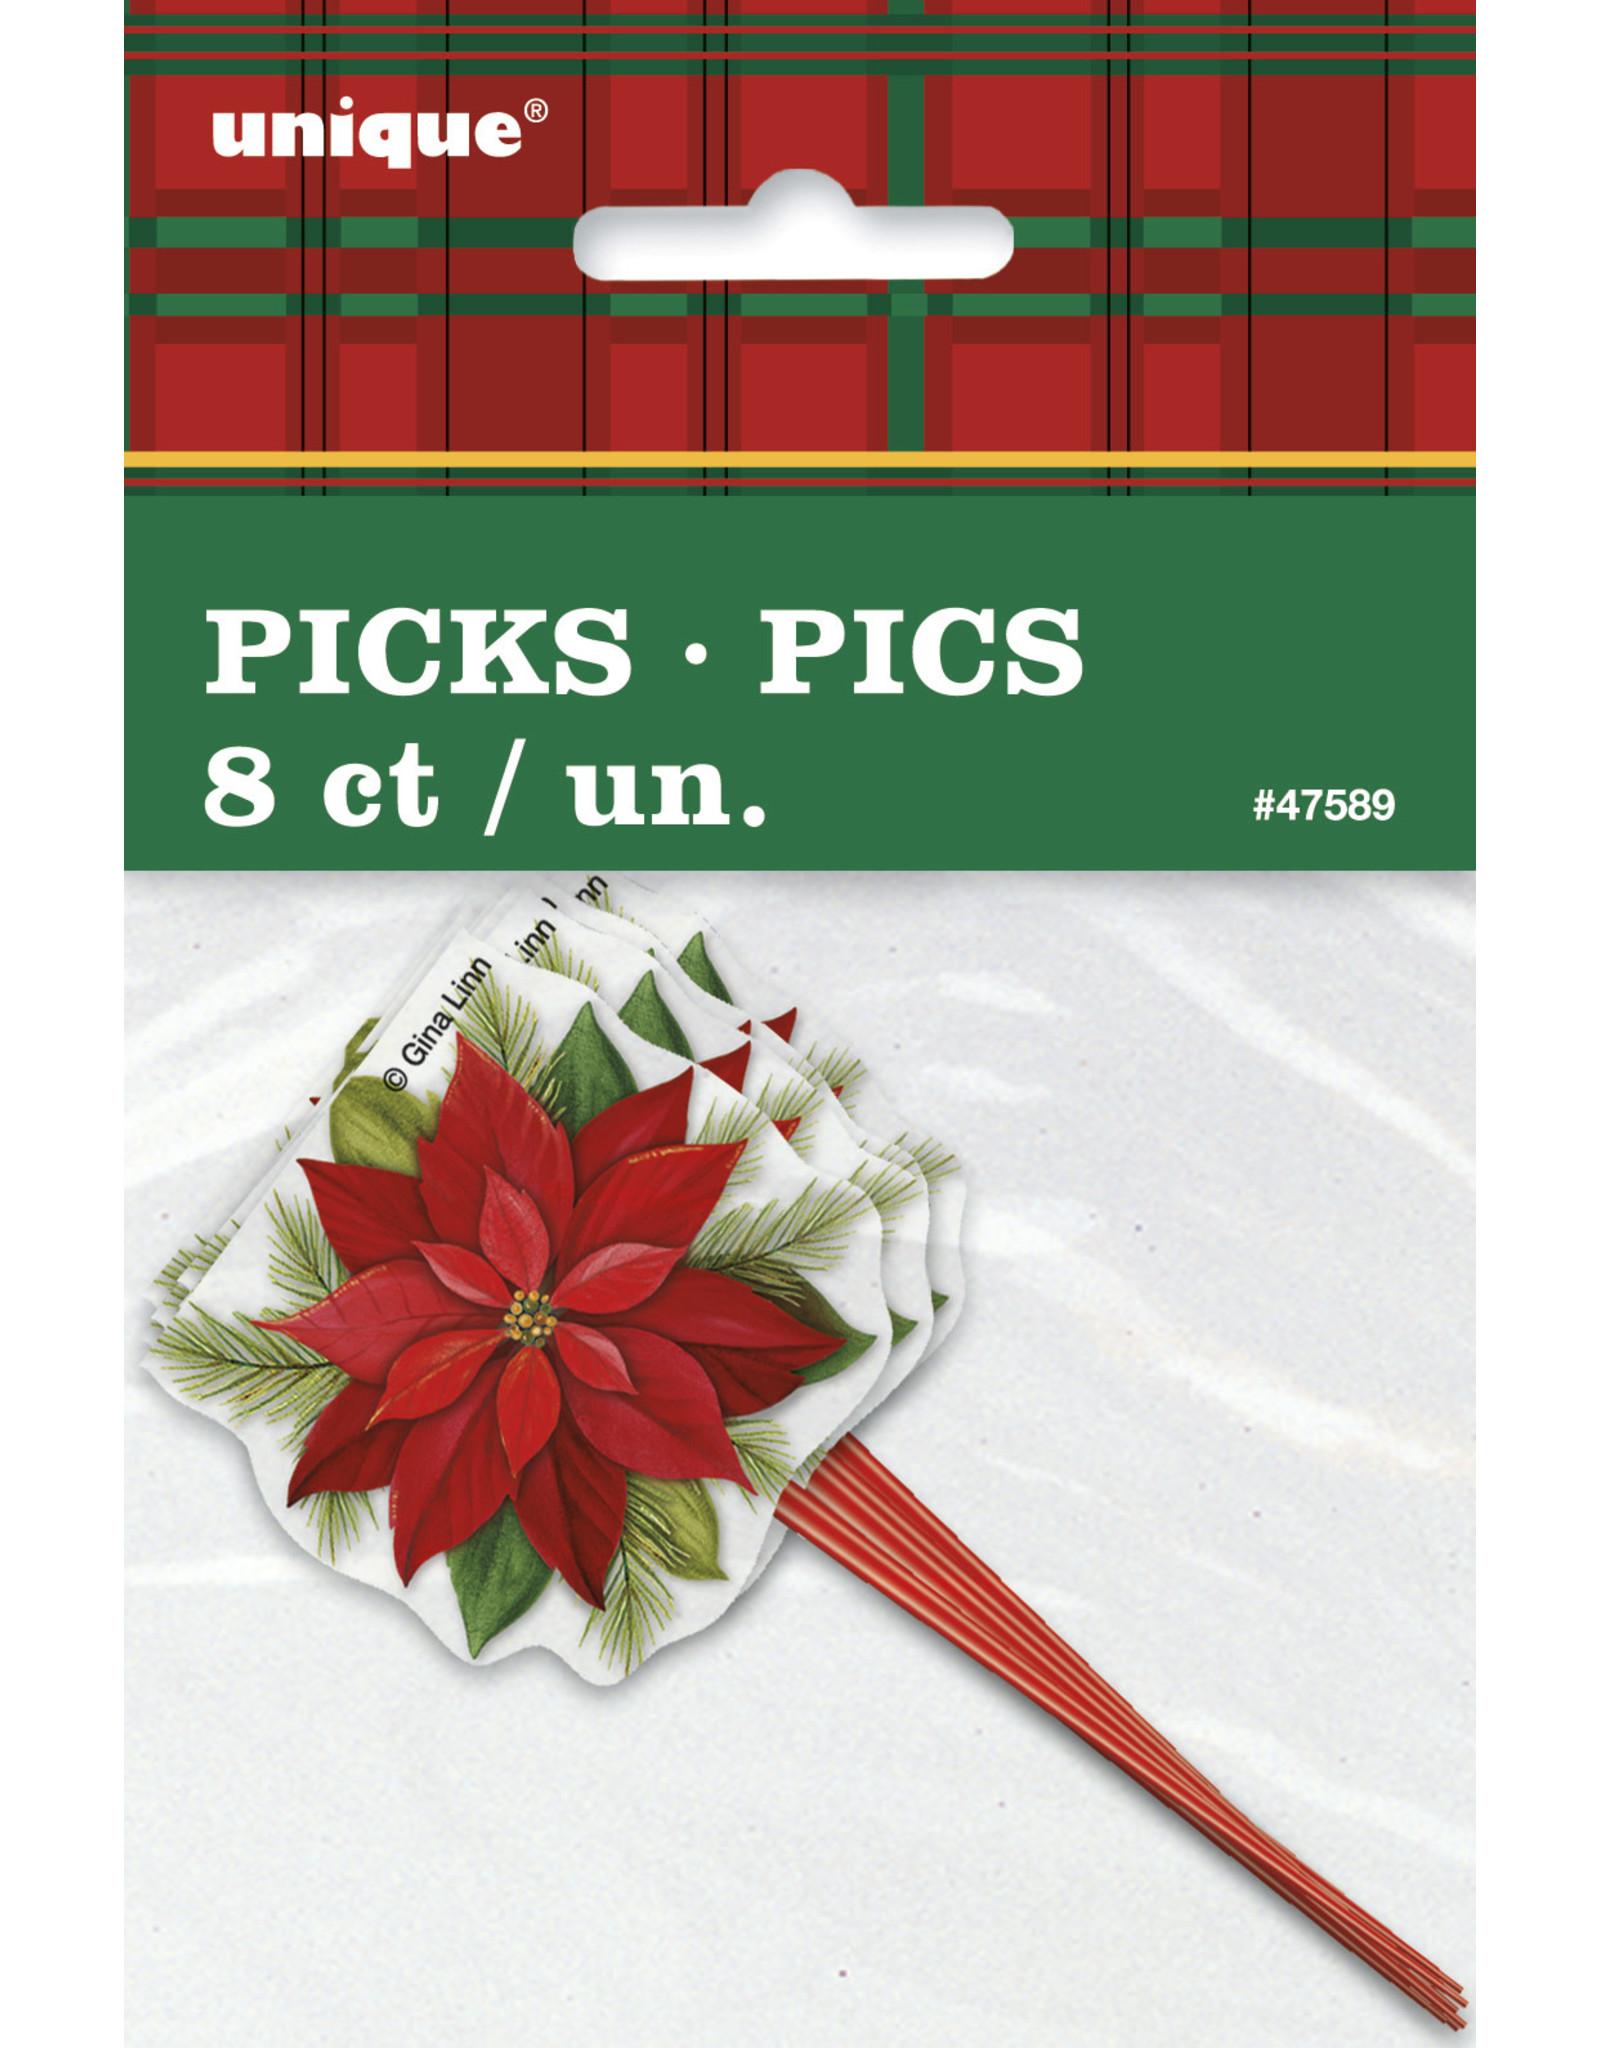 unique 8ct. Poinsetta Picks